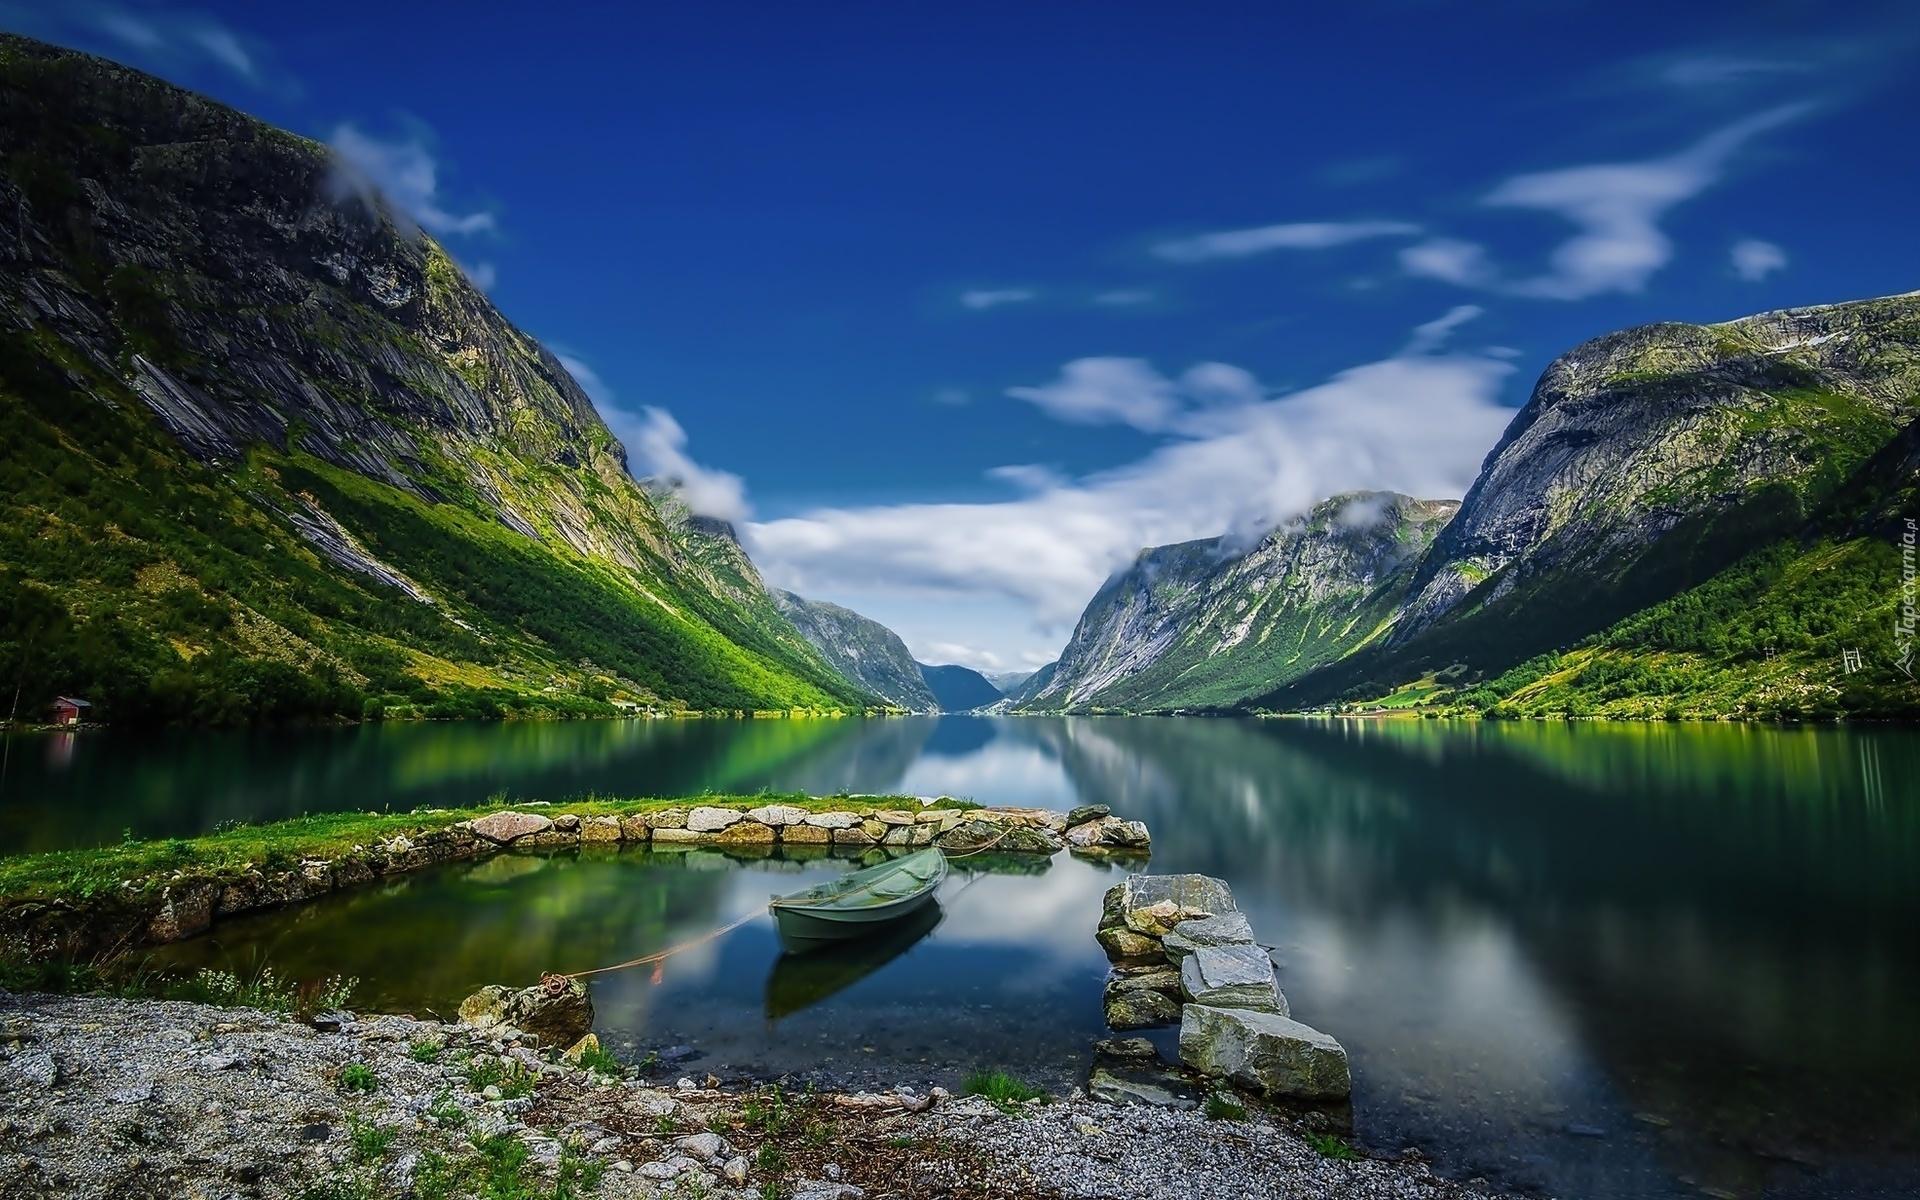 262419_gory_fiord_lodka_kamienie_norwegia